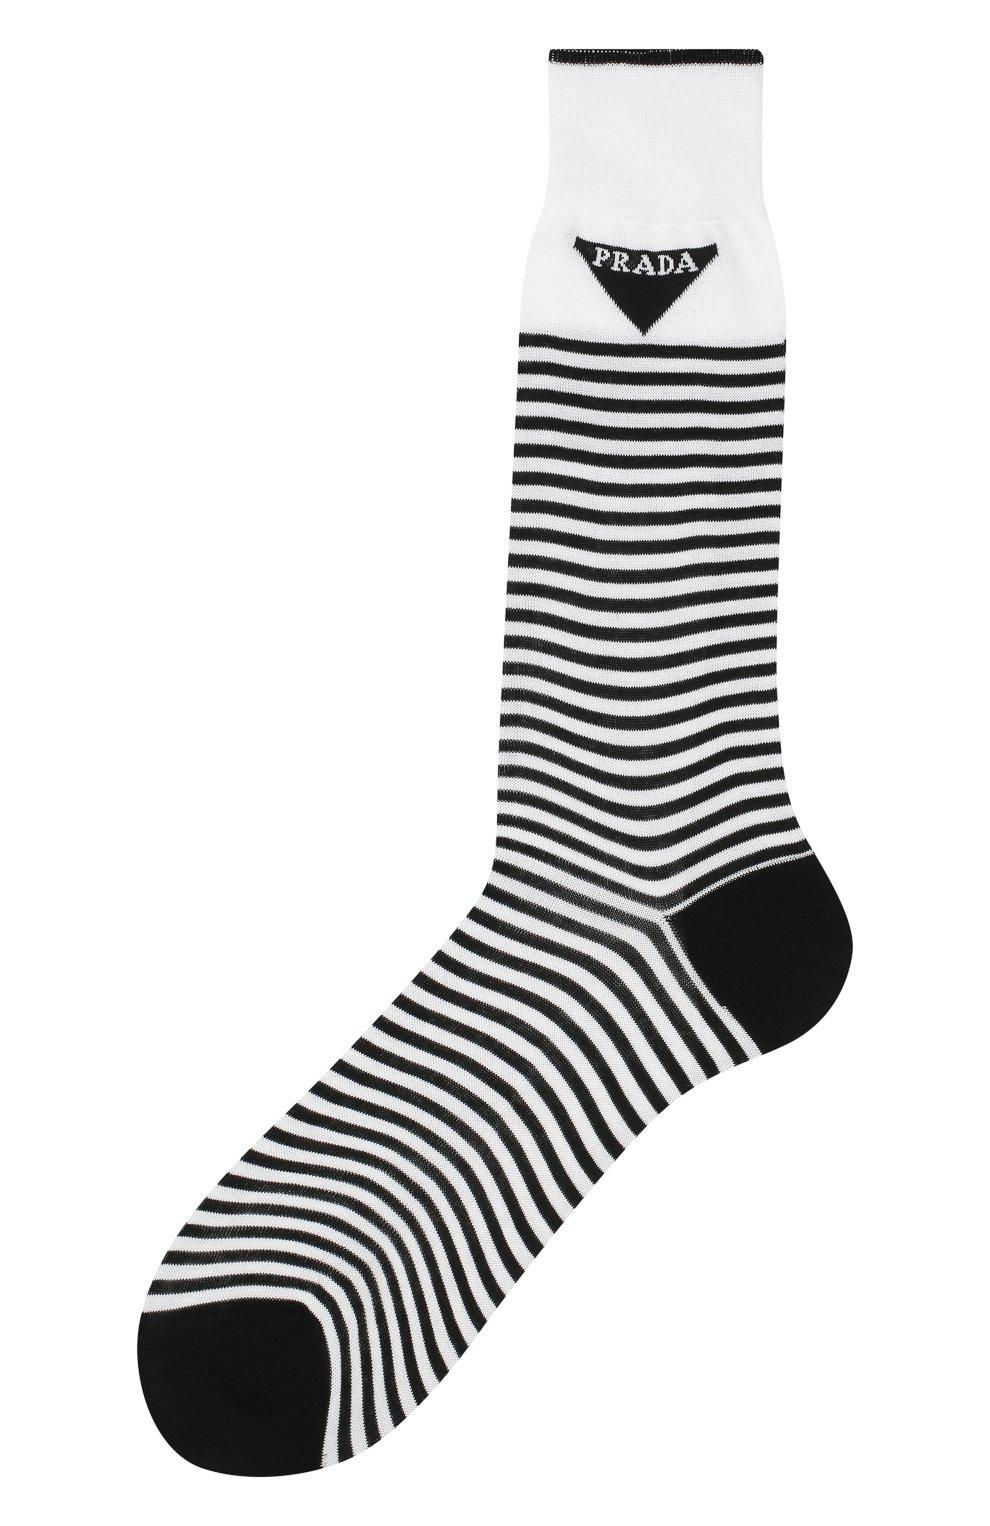 Детские хлопковые носки PRADA черно-белого цвета, арт. UCL732-793-F0964-202 | Фото 1 (Материал: Текстиль, Хлопок; Кросс-КТ: бельё)